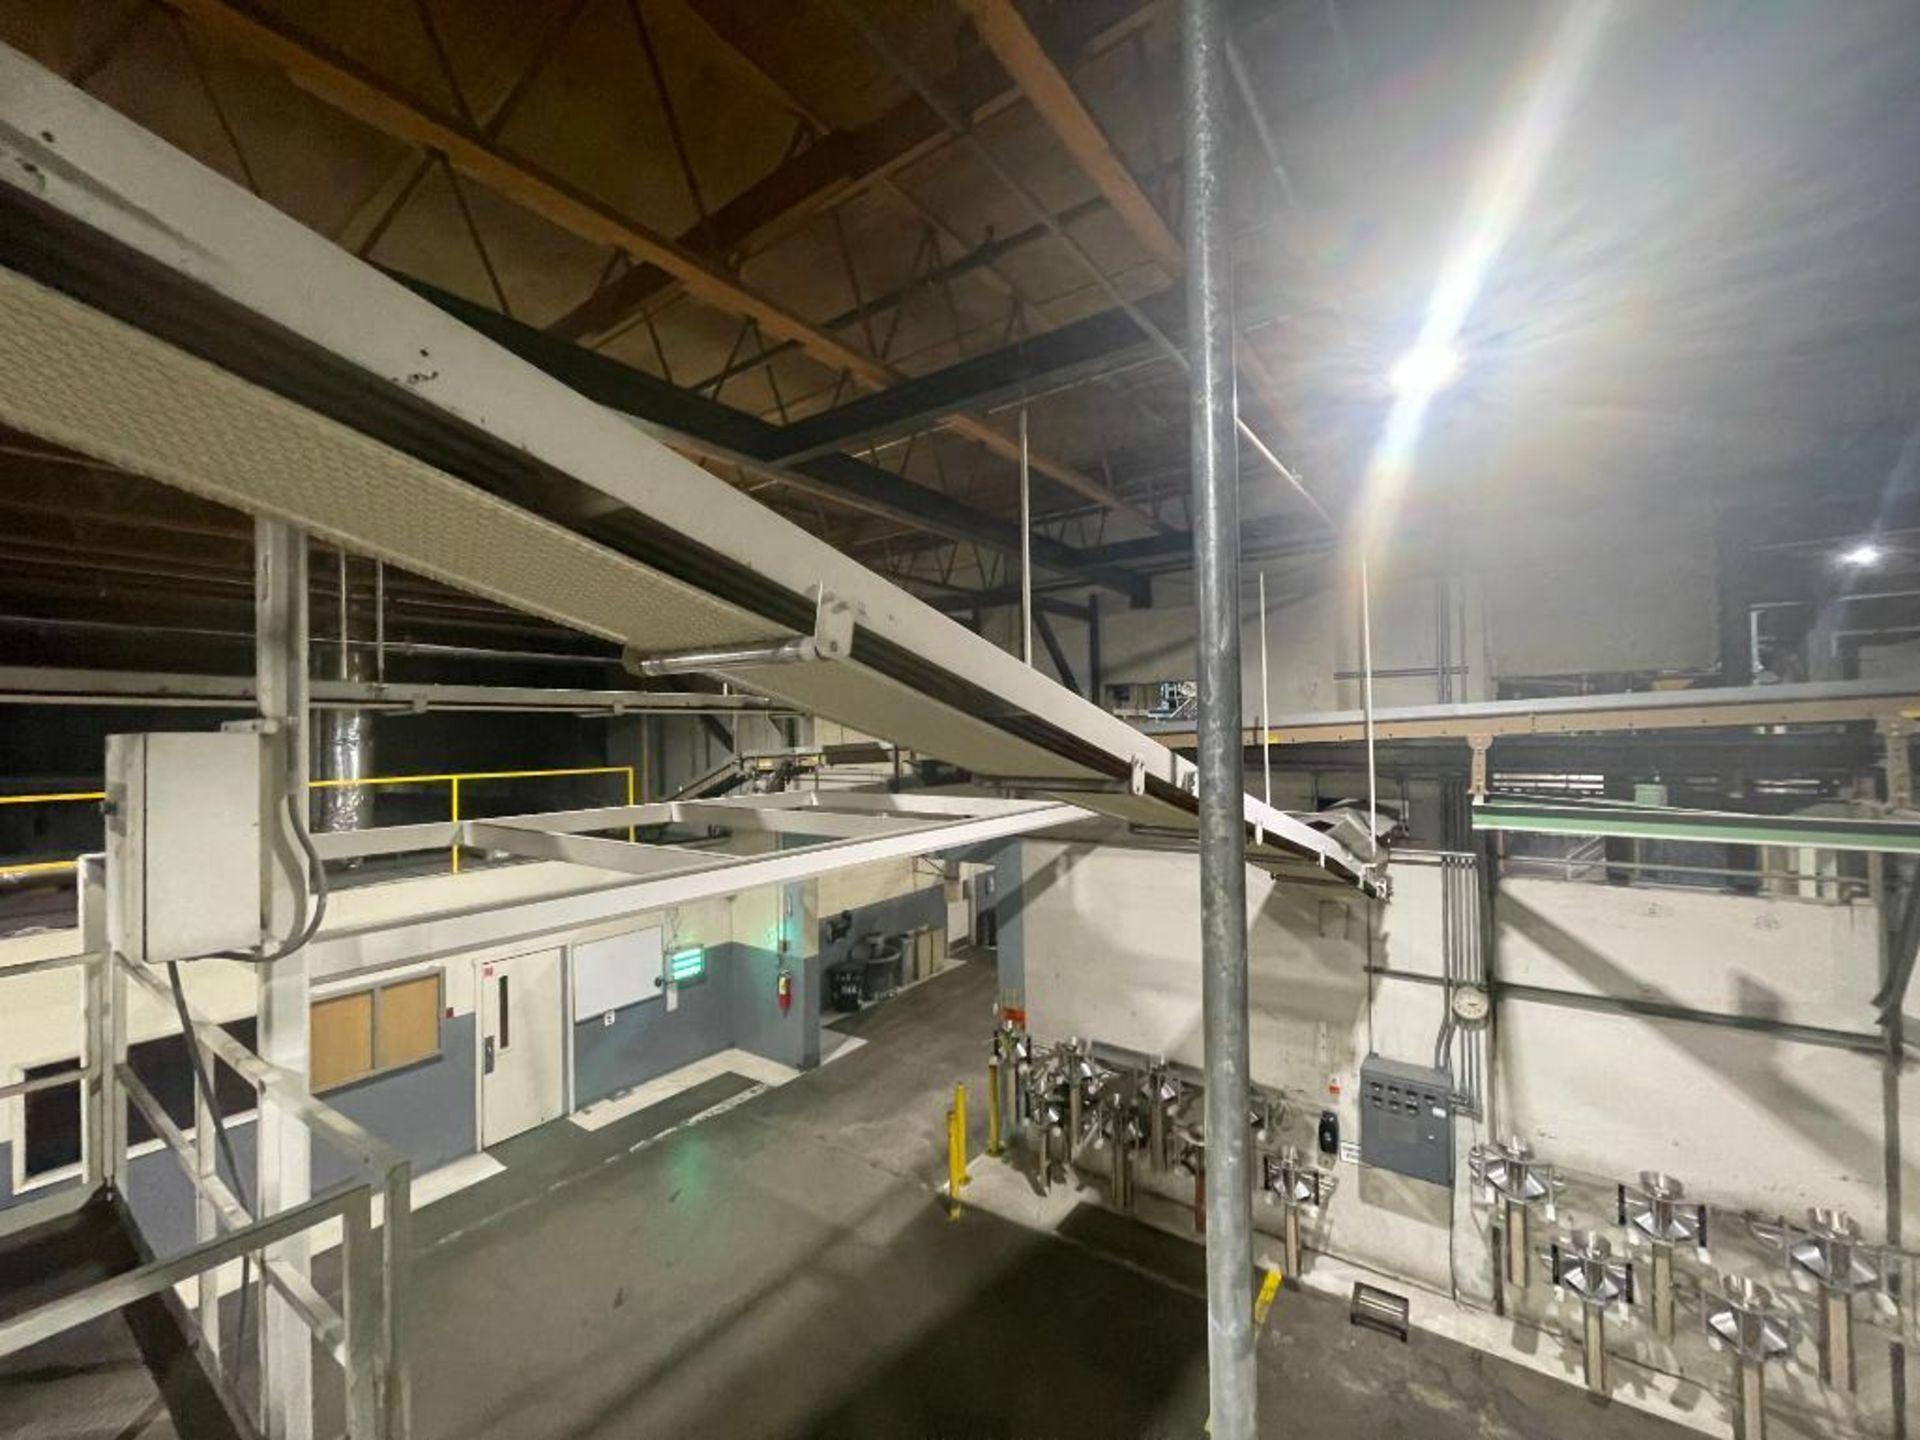 mild steel overhead belt conveyor - Image 5 of 8